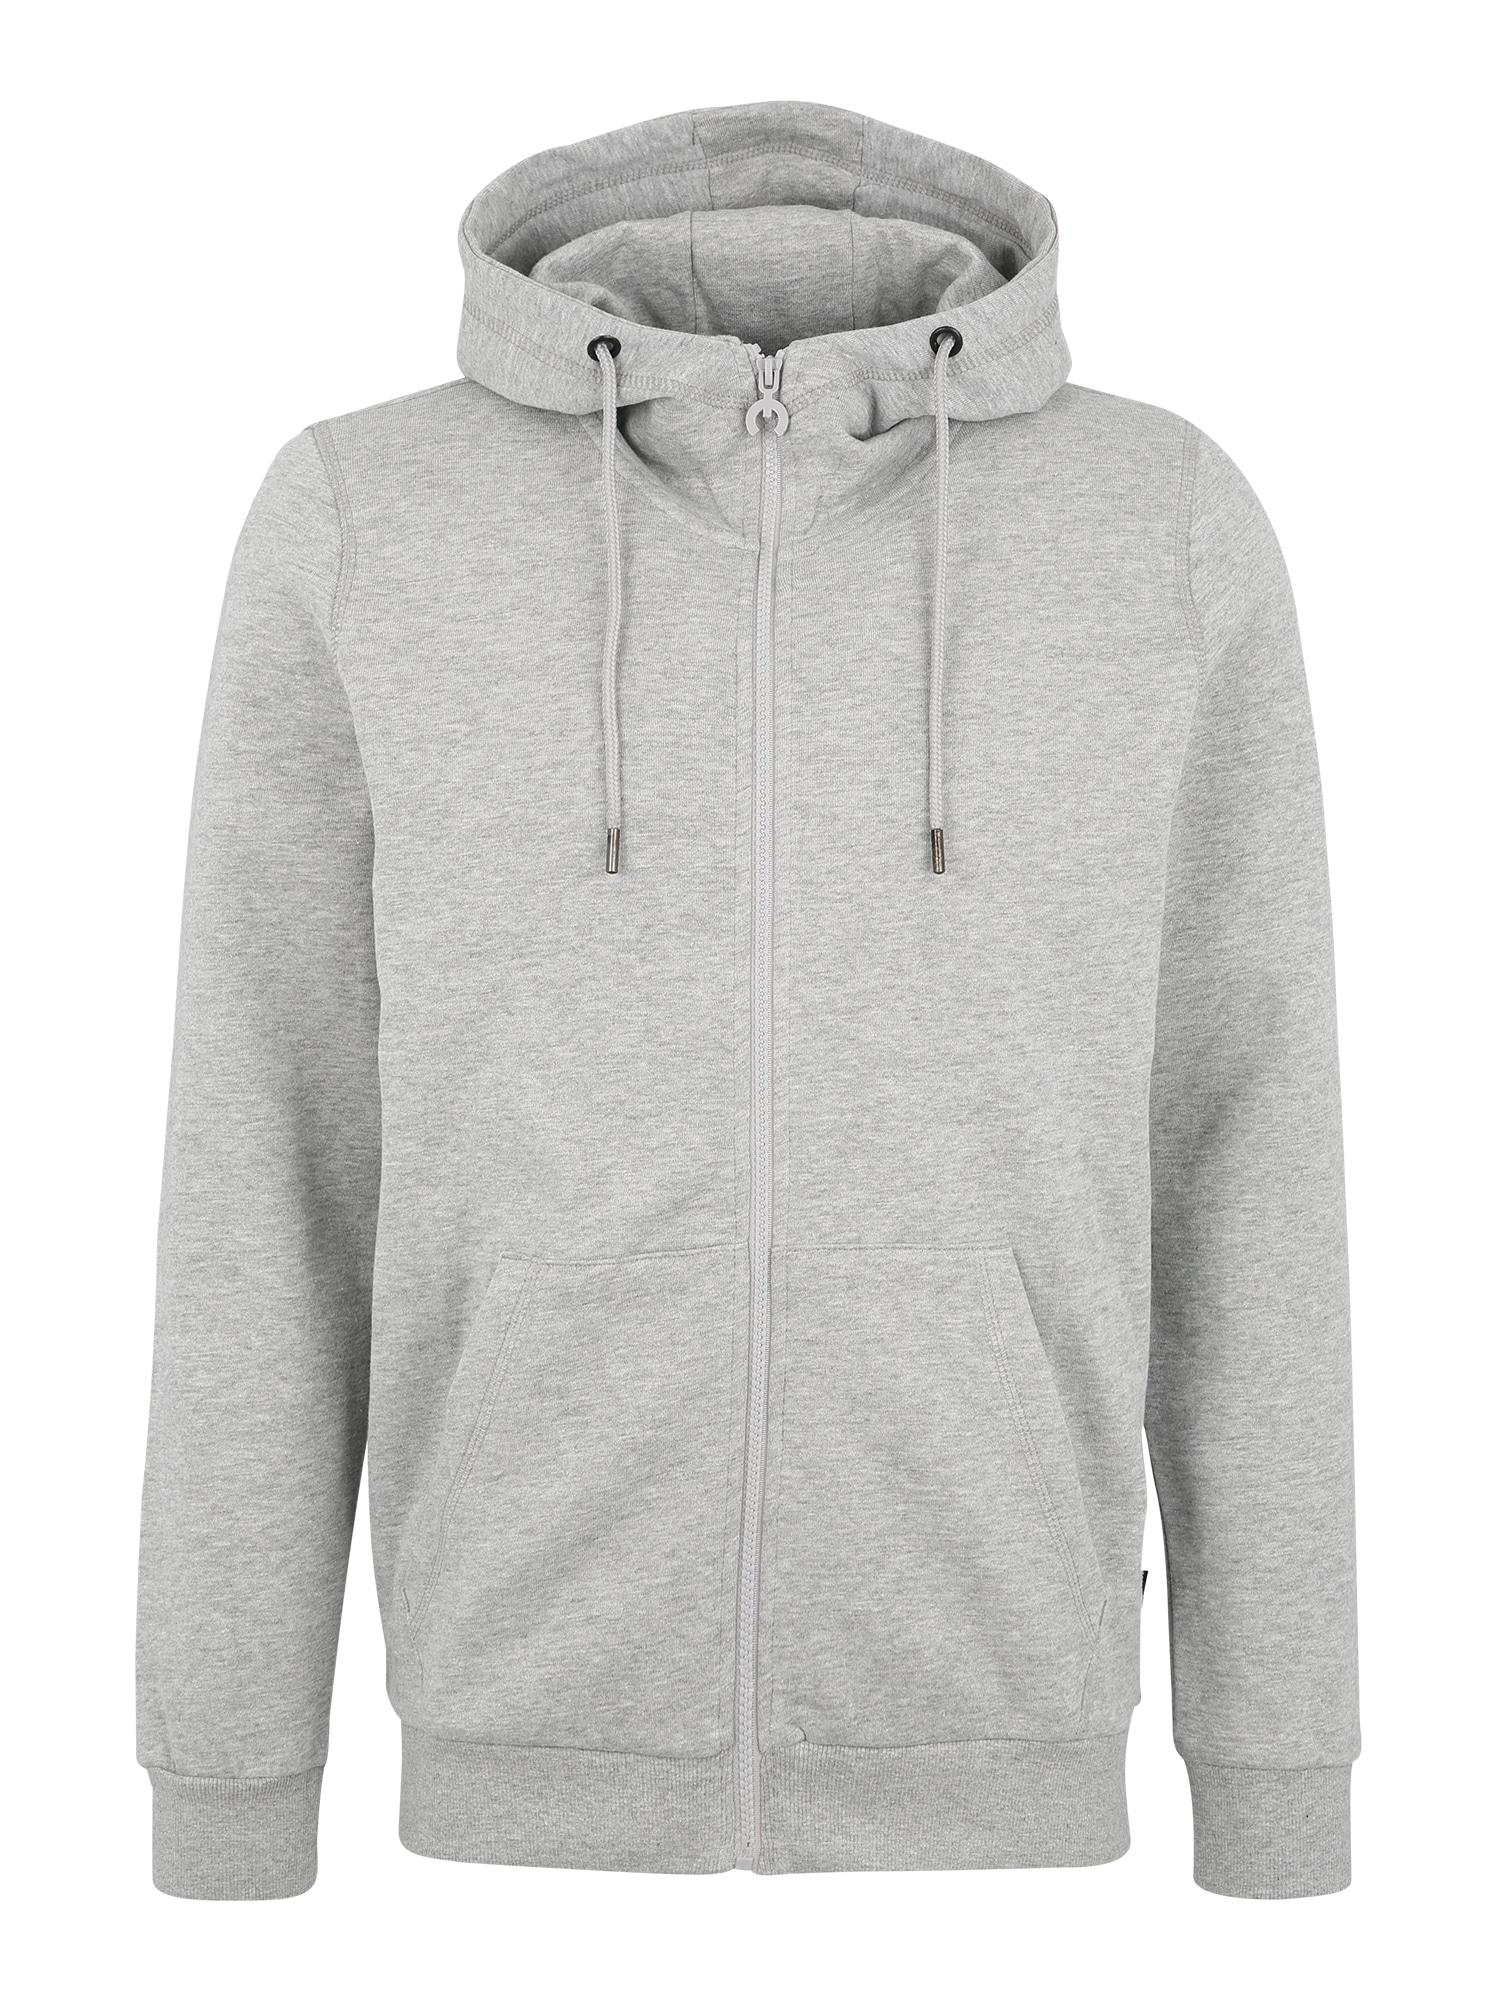 CHIEMSEE Sportinis džemperis pilka